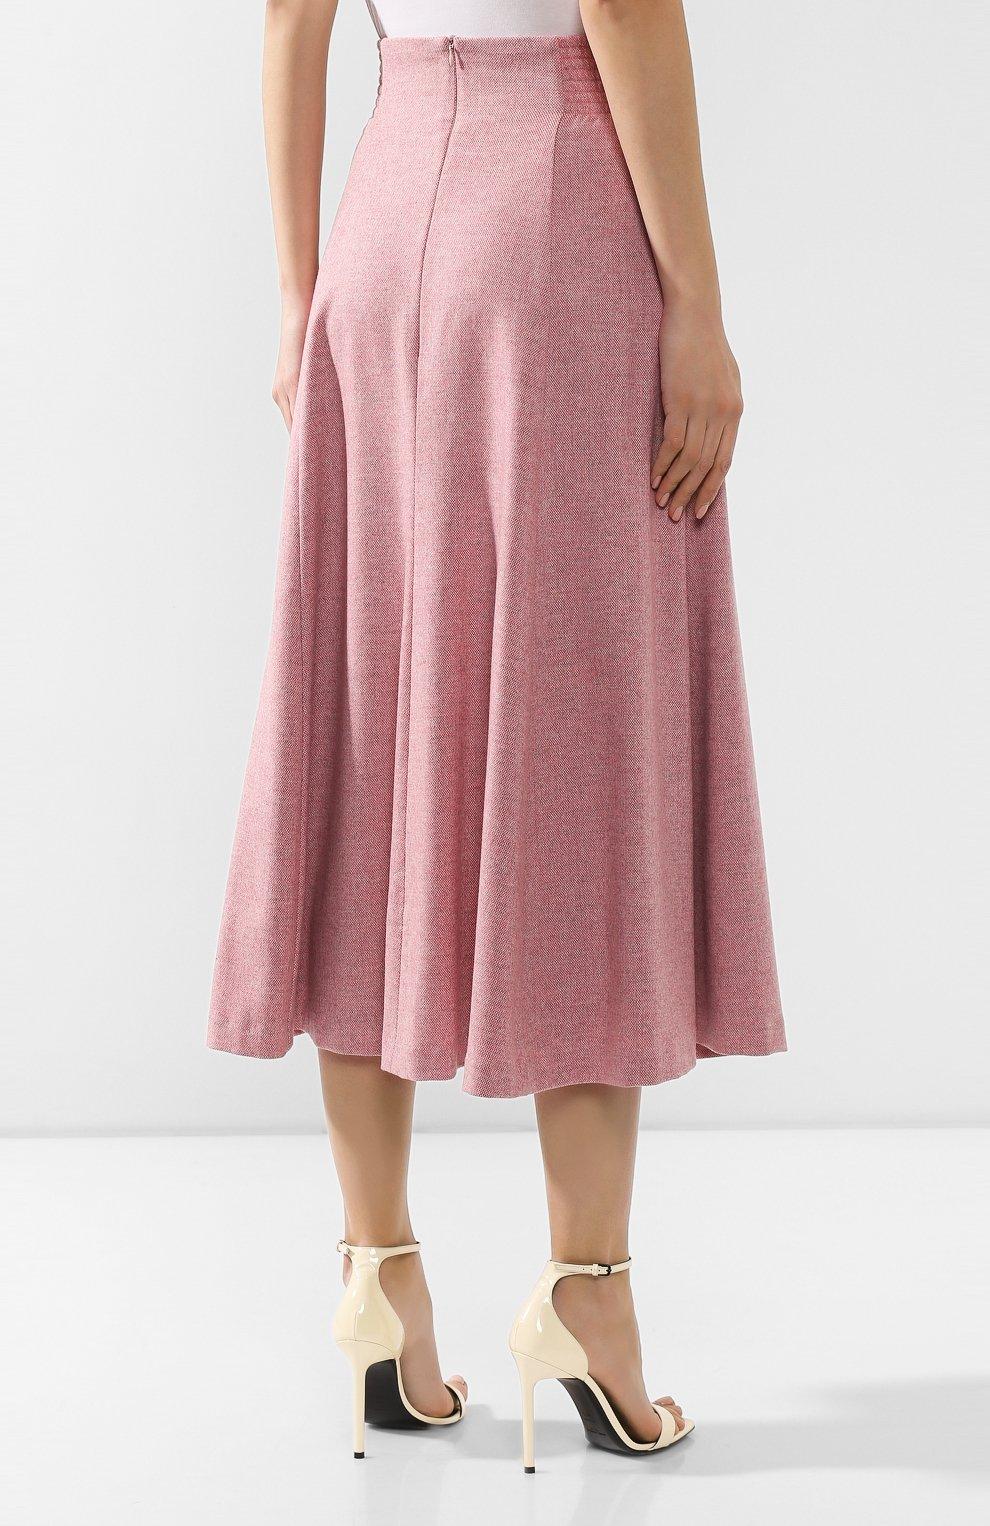 Женская шерстяная юбка ULYANA SERGEENKO розового цвета, арт. 0259р18 (GNM001FW19P)   Фото 4